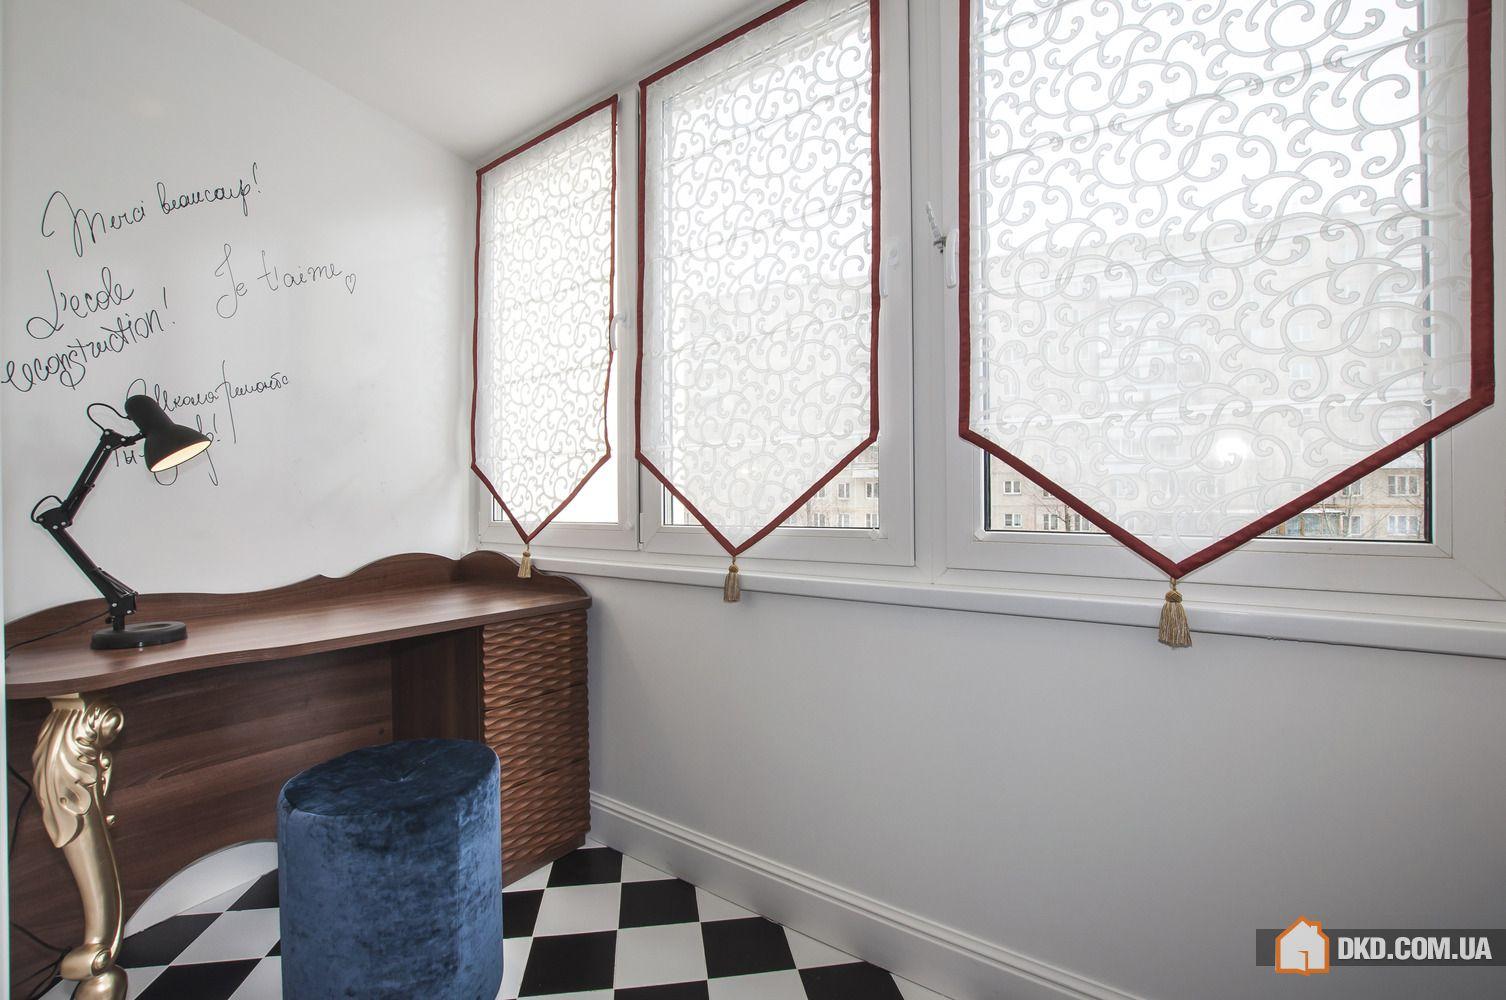 Особенности оформления интерьера с помощью мозаики.